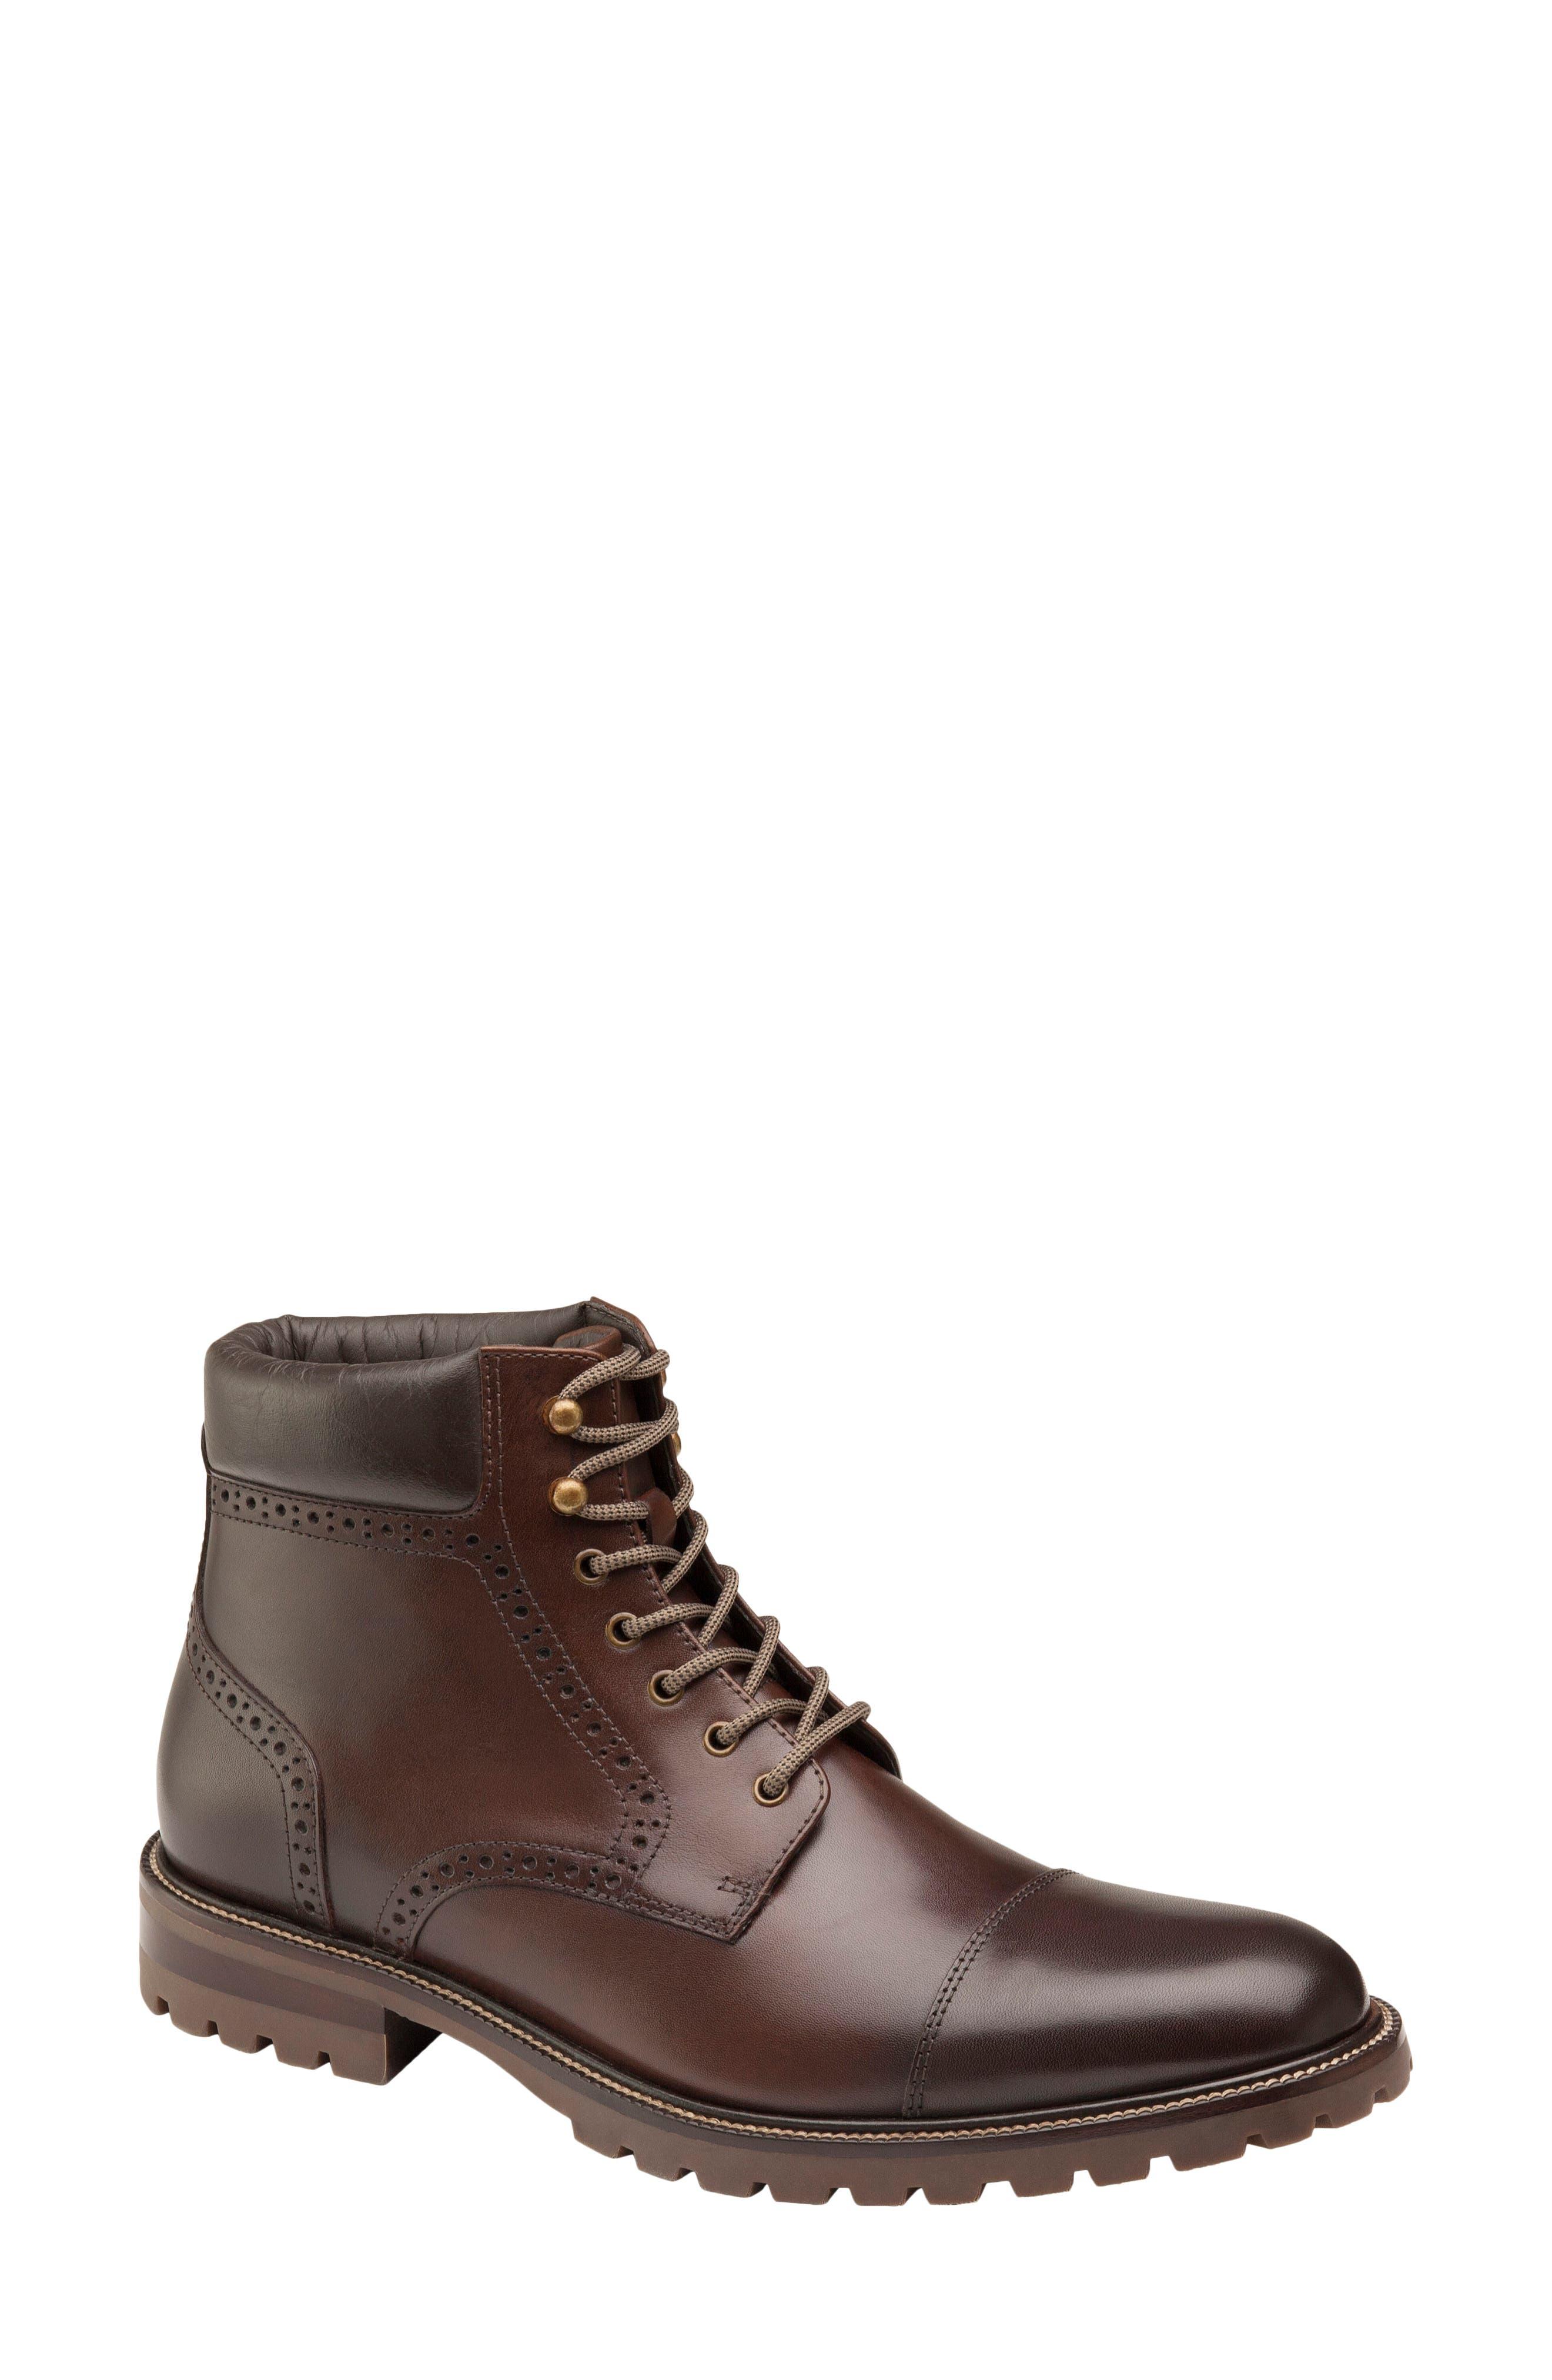 592595 SPBT50 Men/'s Shoes Size 9 M Black Leather Boots Johnston /& Murphy